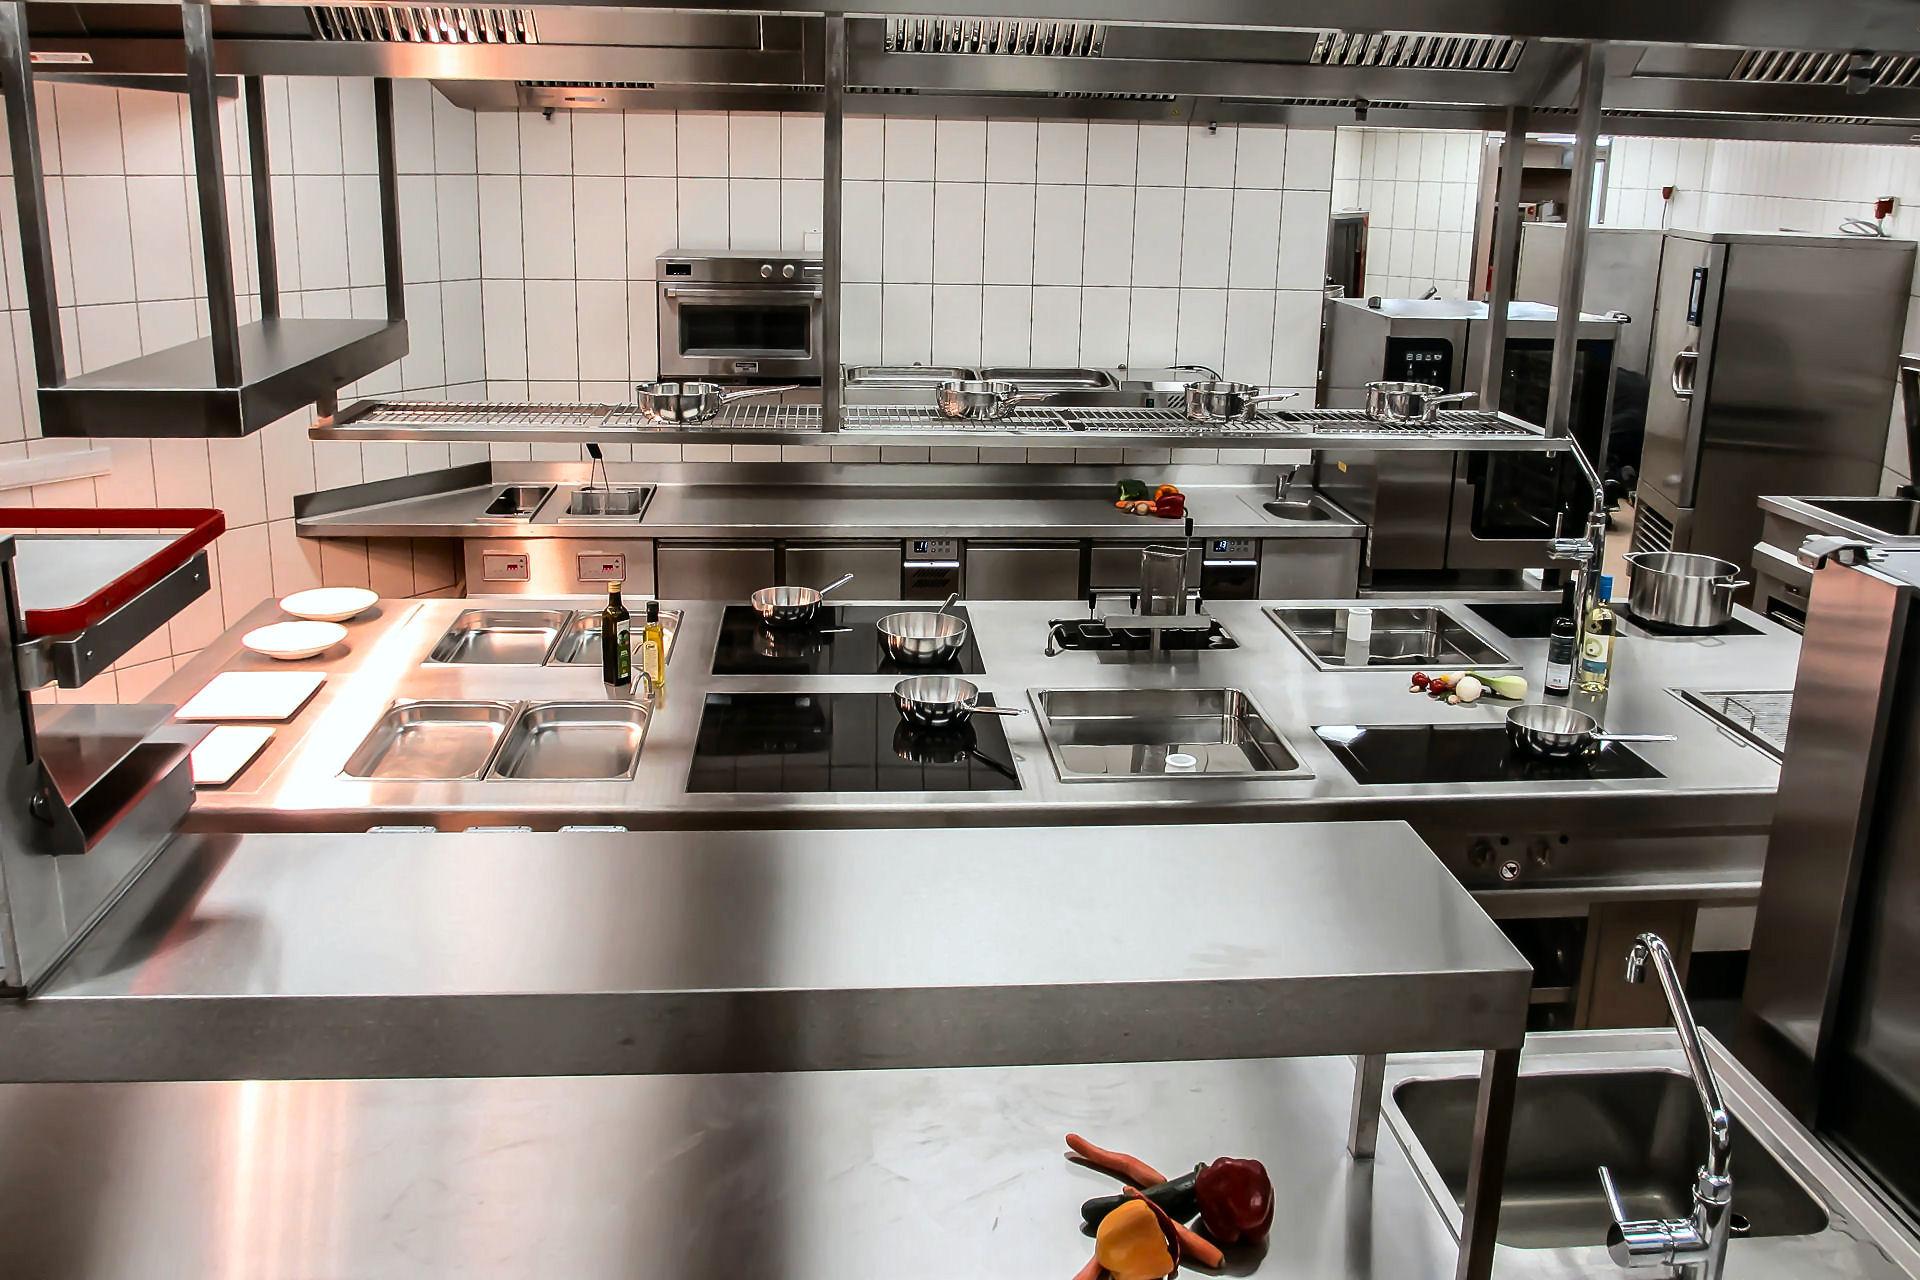 商用厨房设备安装需要注意的事项有哪些呢?